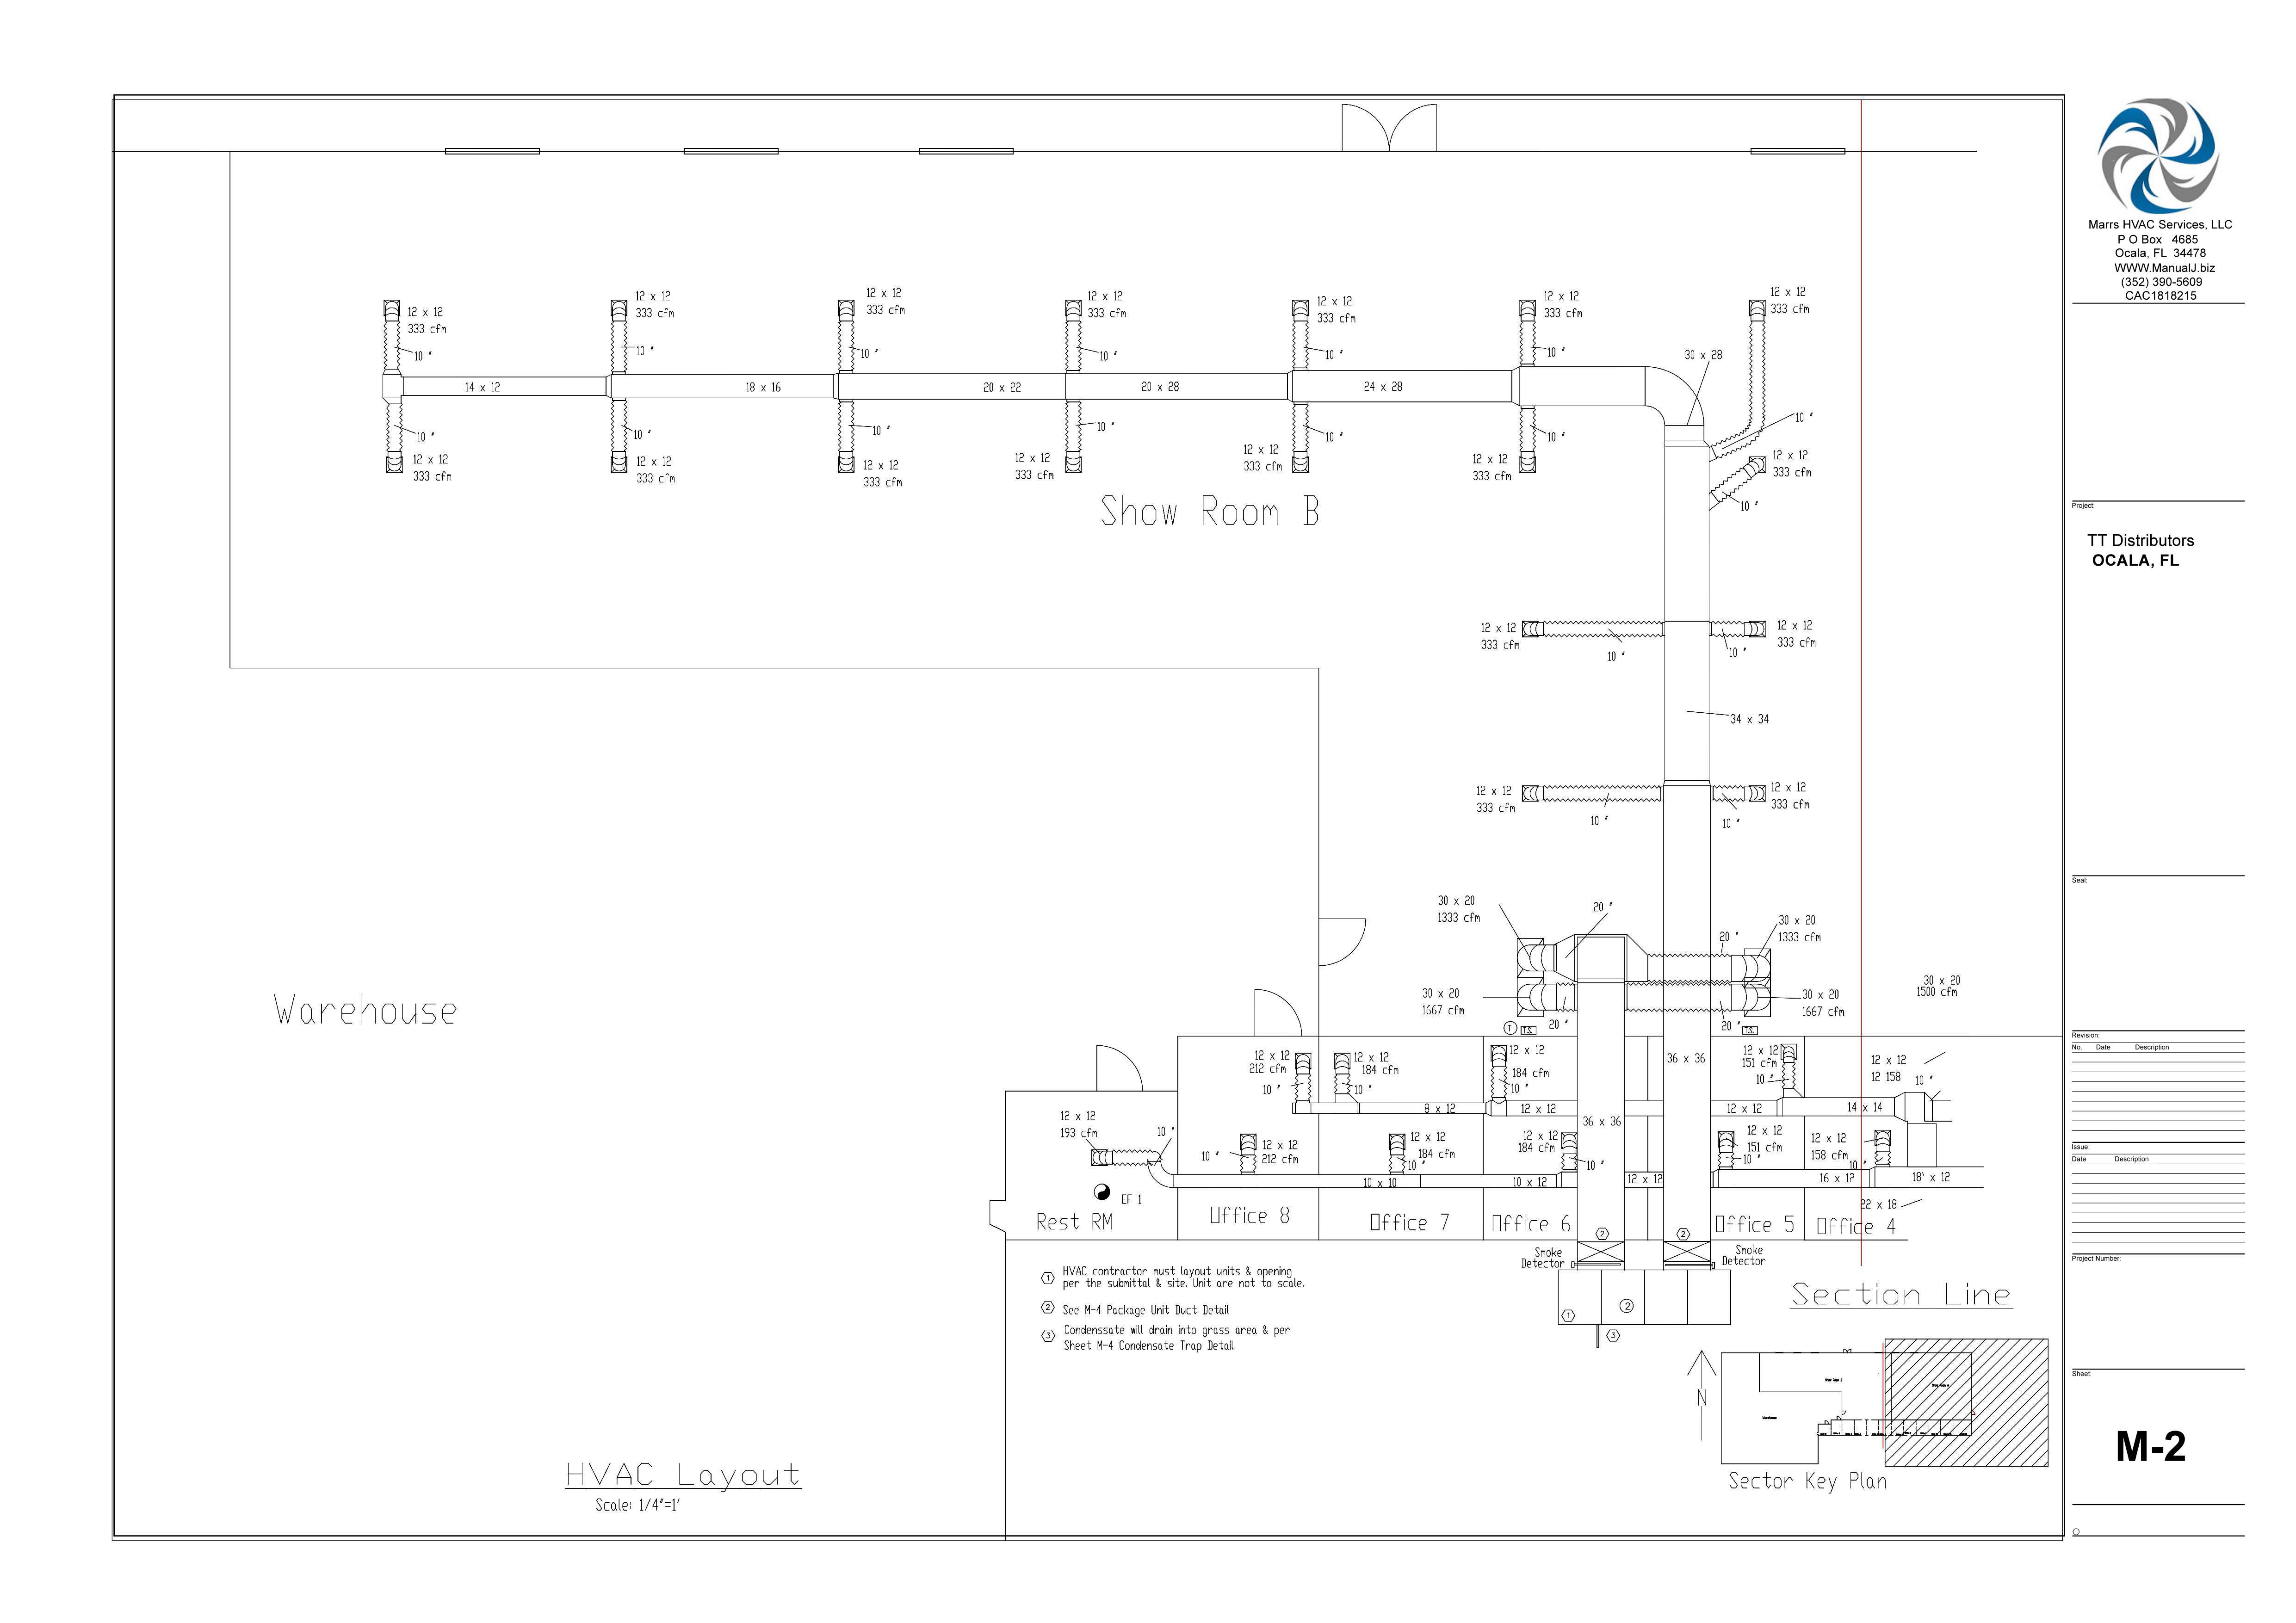 M-2 HVAC Layout